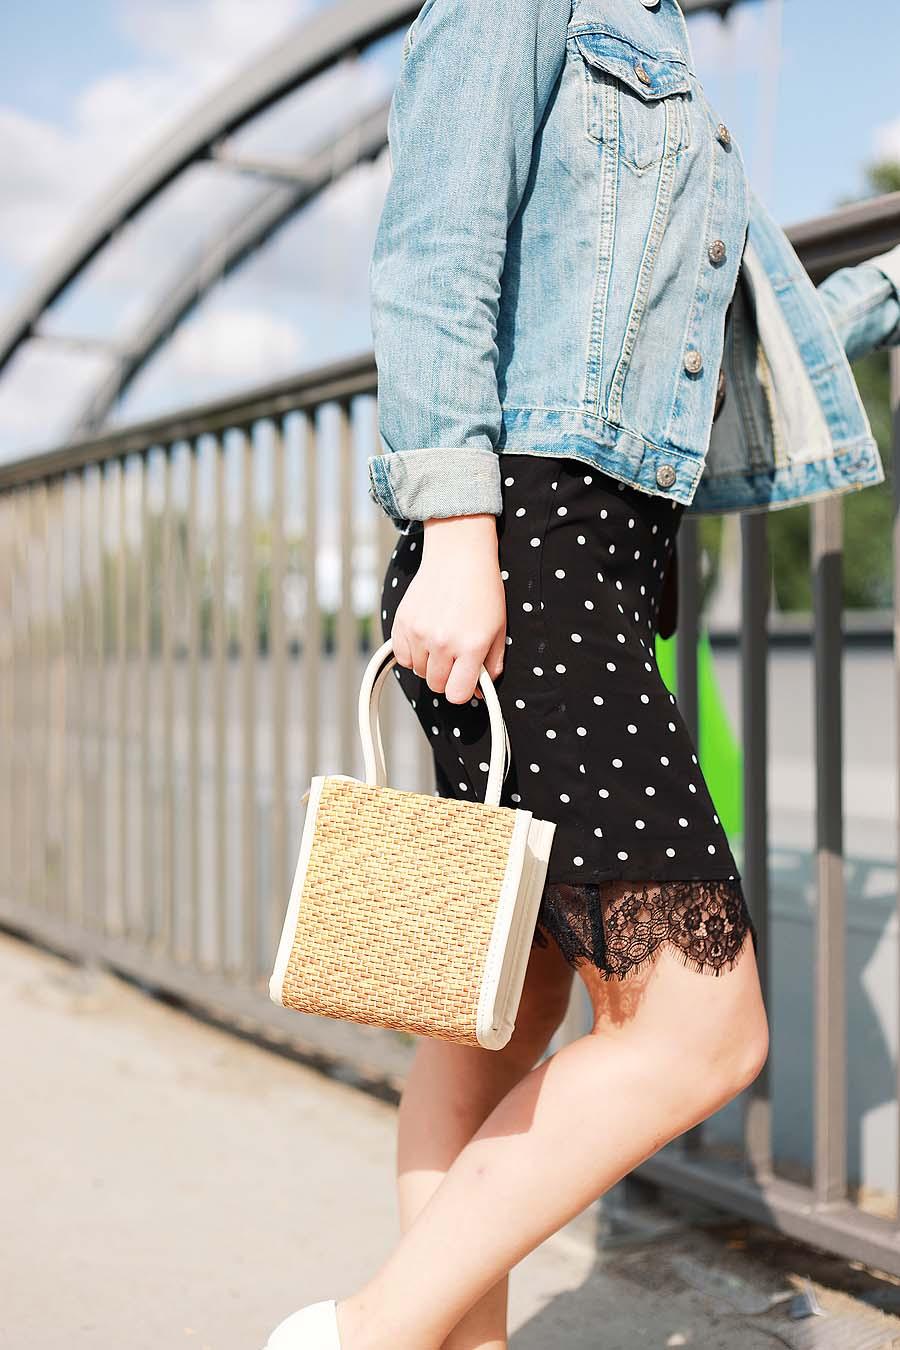 Kleid mit Polka Dots und Jeansjacke